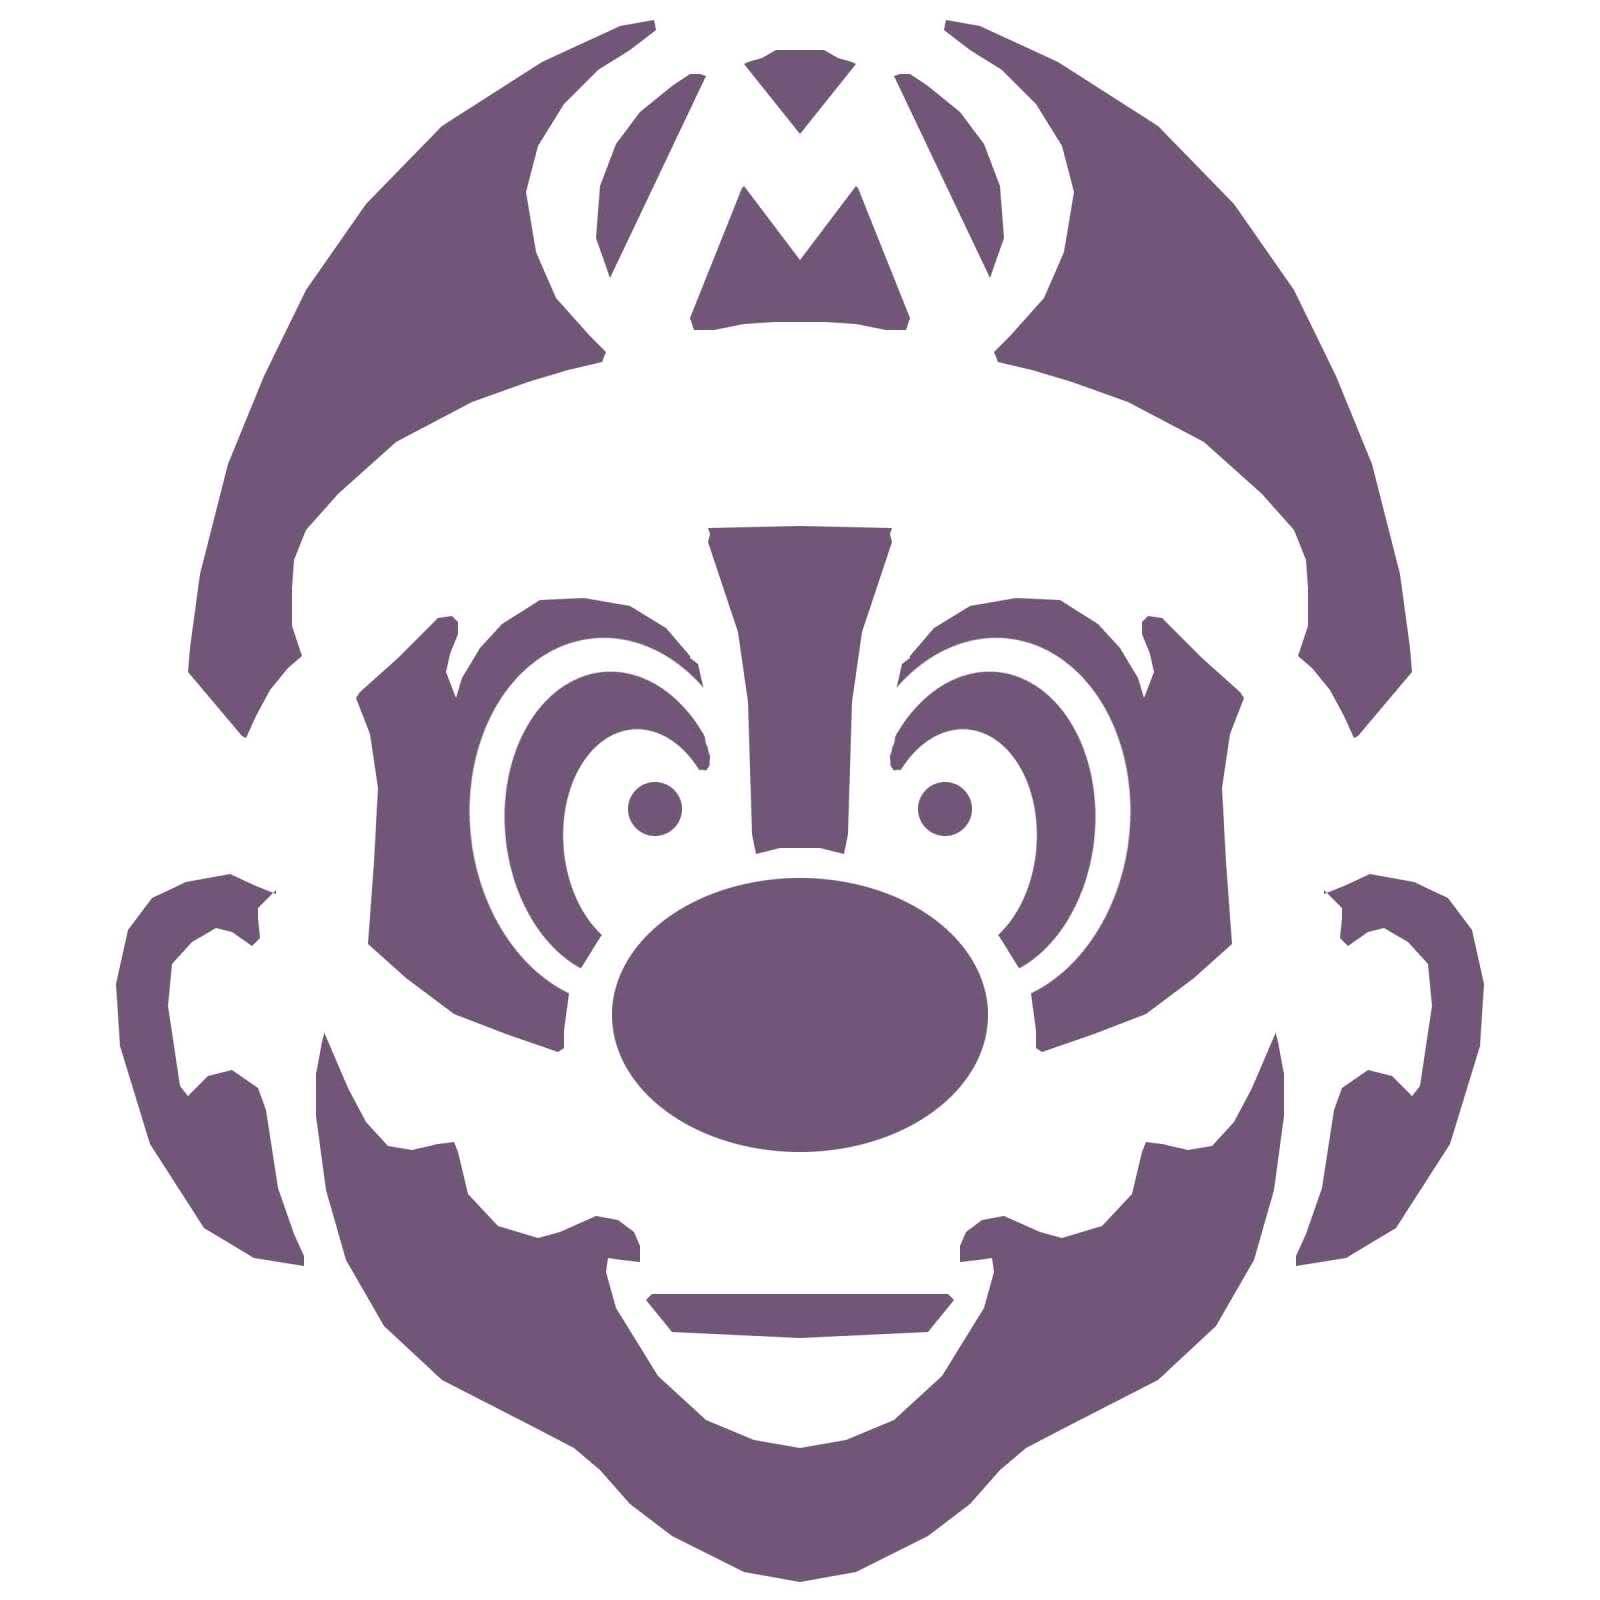 Mario stencil clipart best